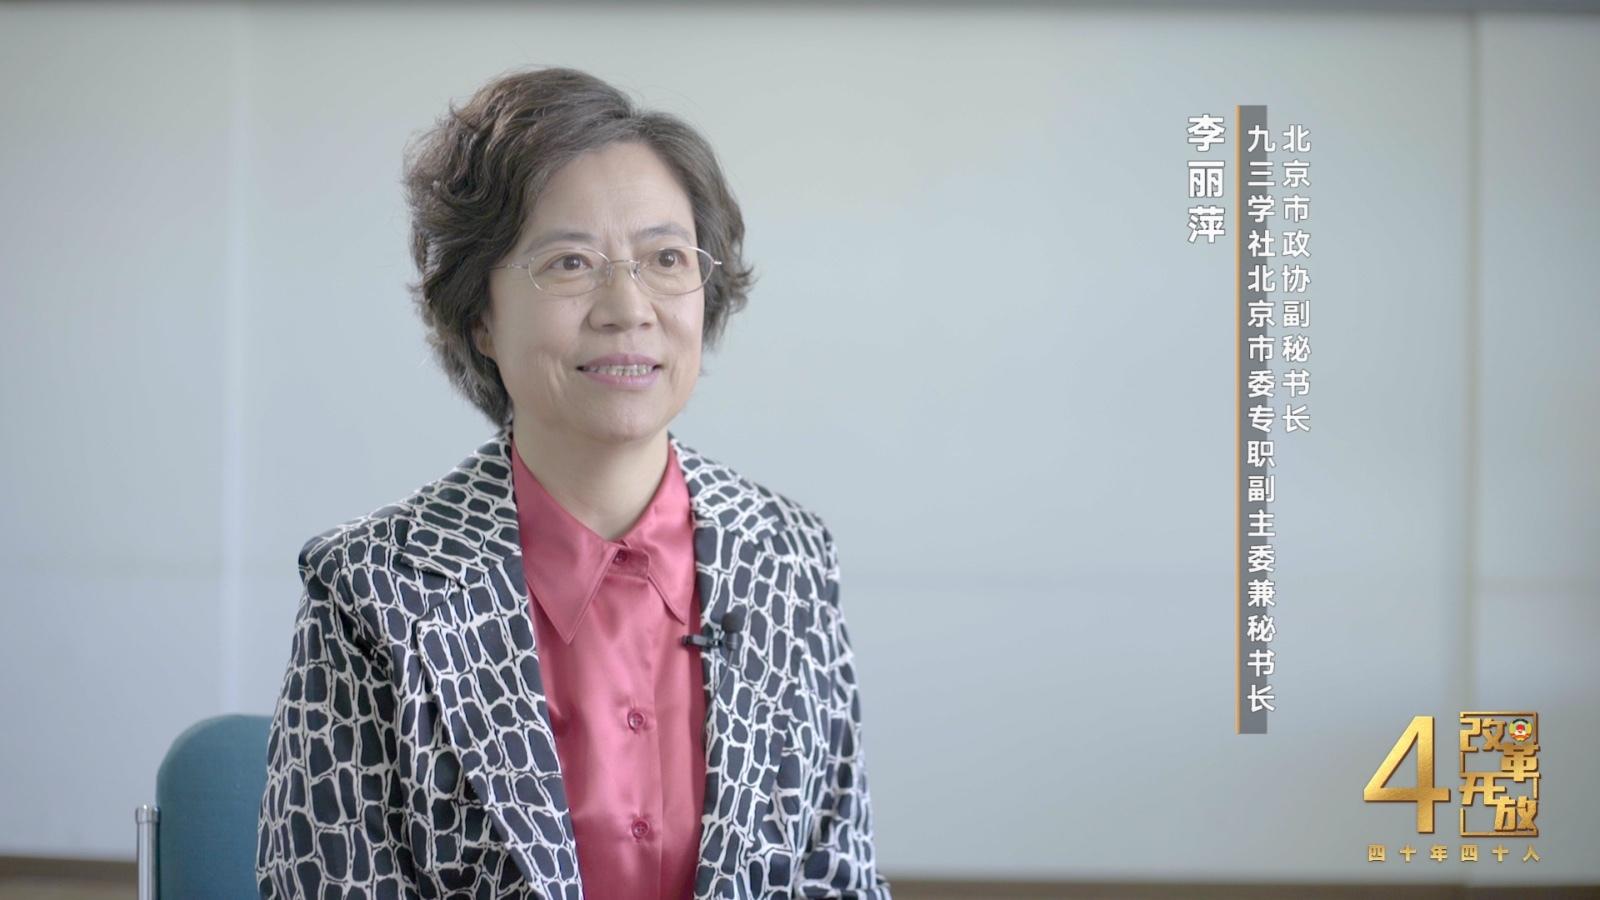 她是李丽萍,北京市政协副秘书长,九三学社北京市委专职副主委兼秘书长,与您讲述她与改革开放的故事。